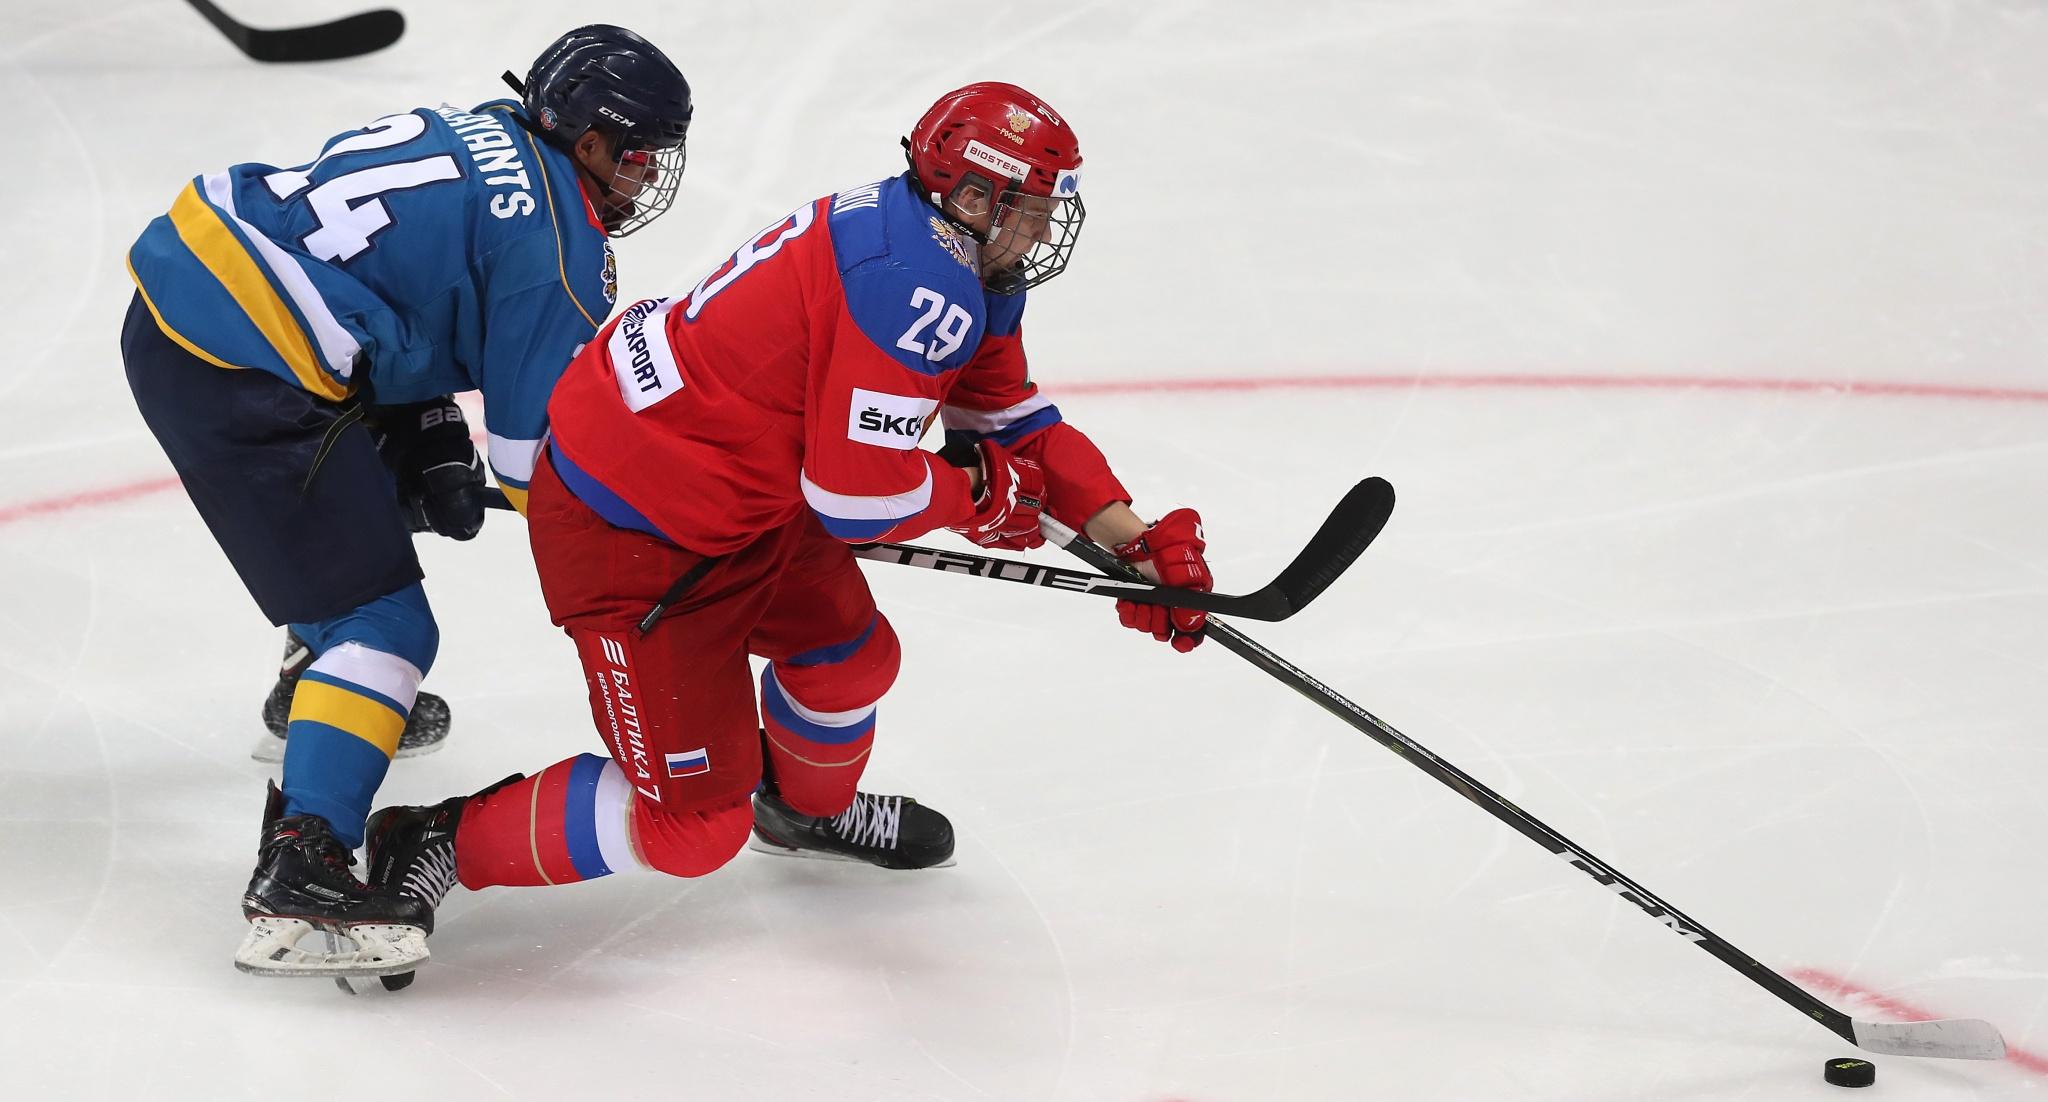 Кирилл Кирсанов (справа). Фото: Юрий Кузьмин